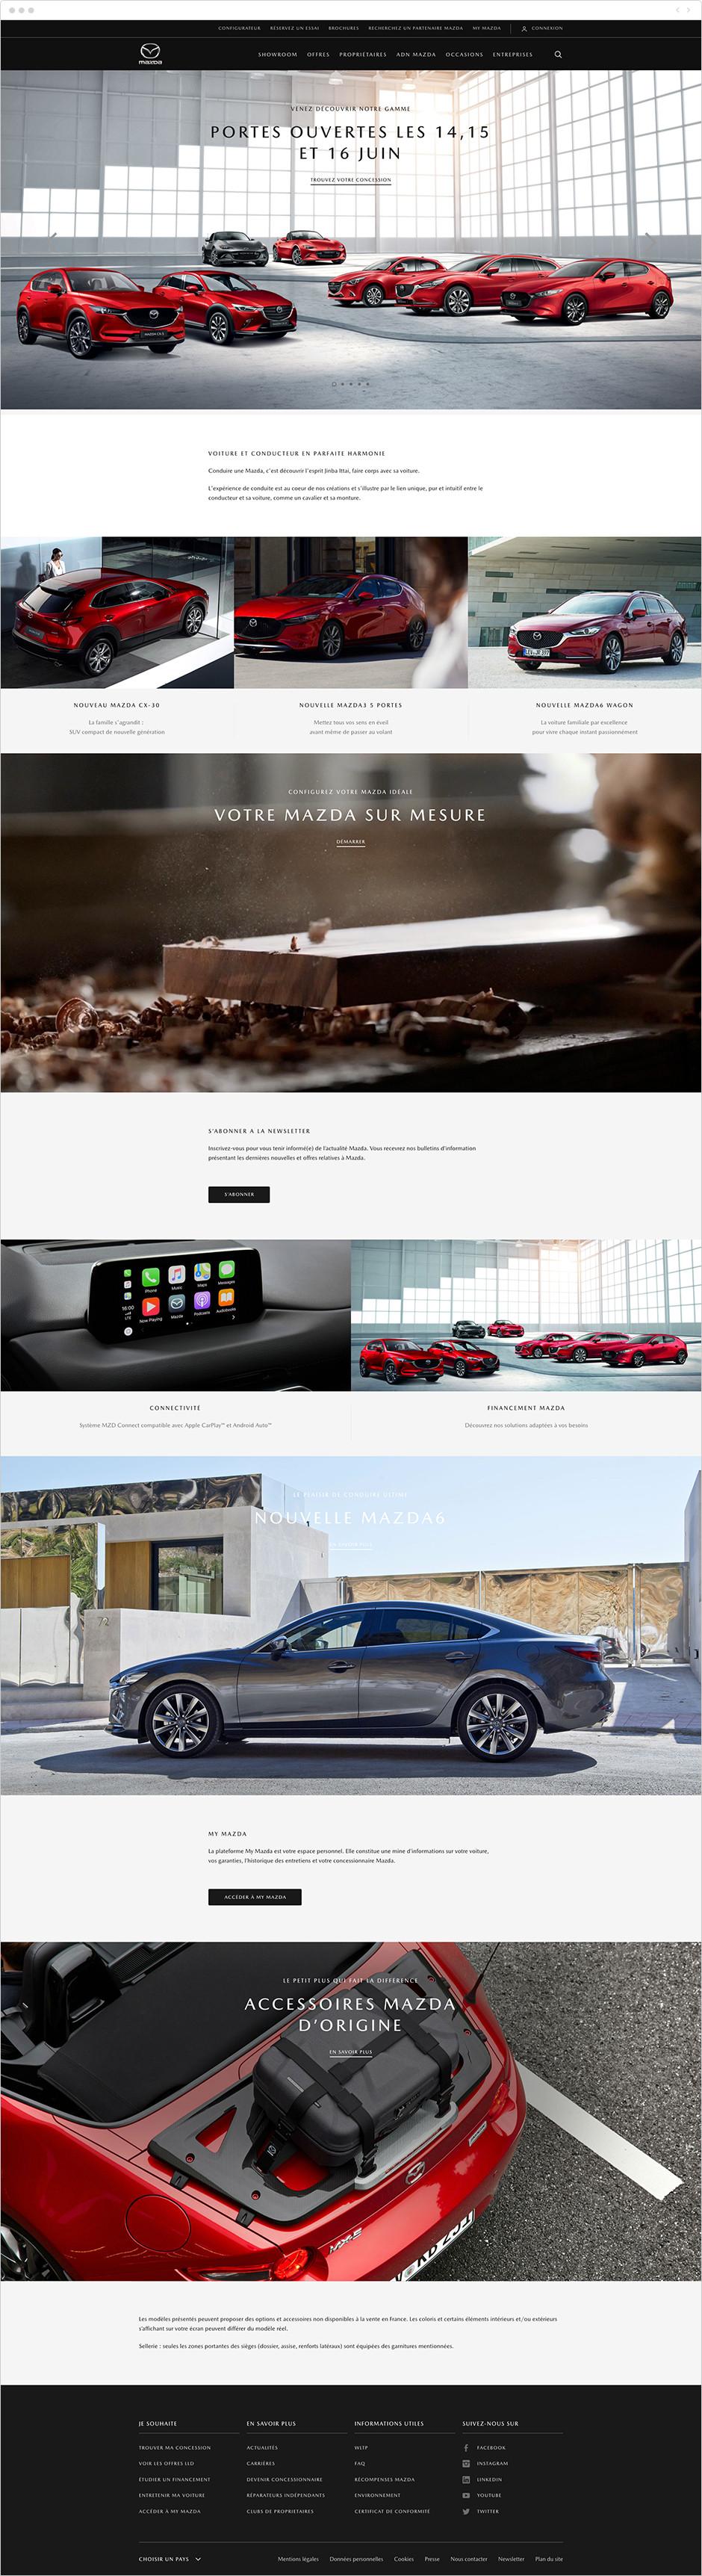 Mazda - Landing page